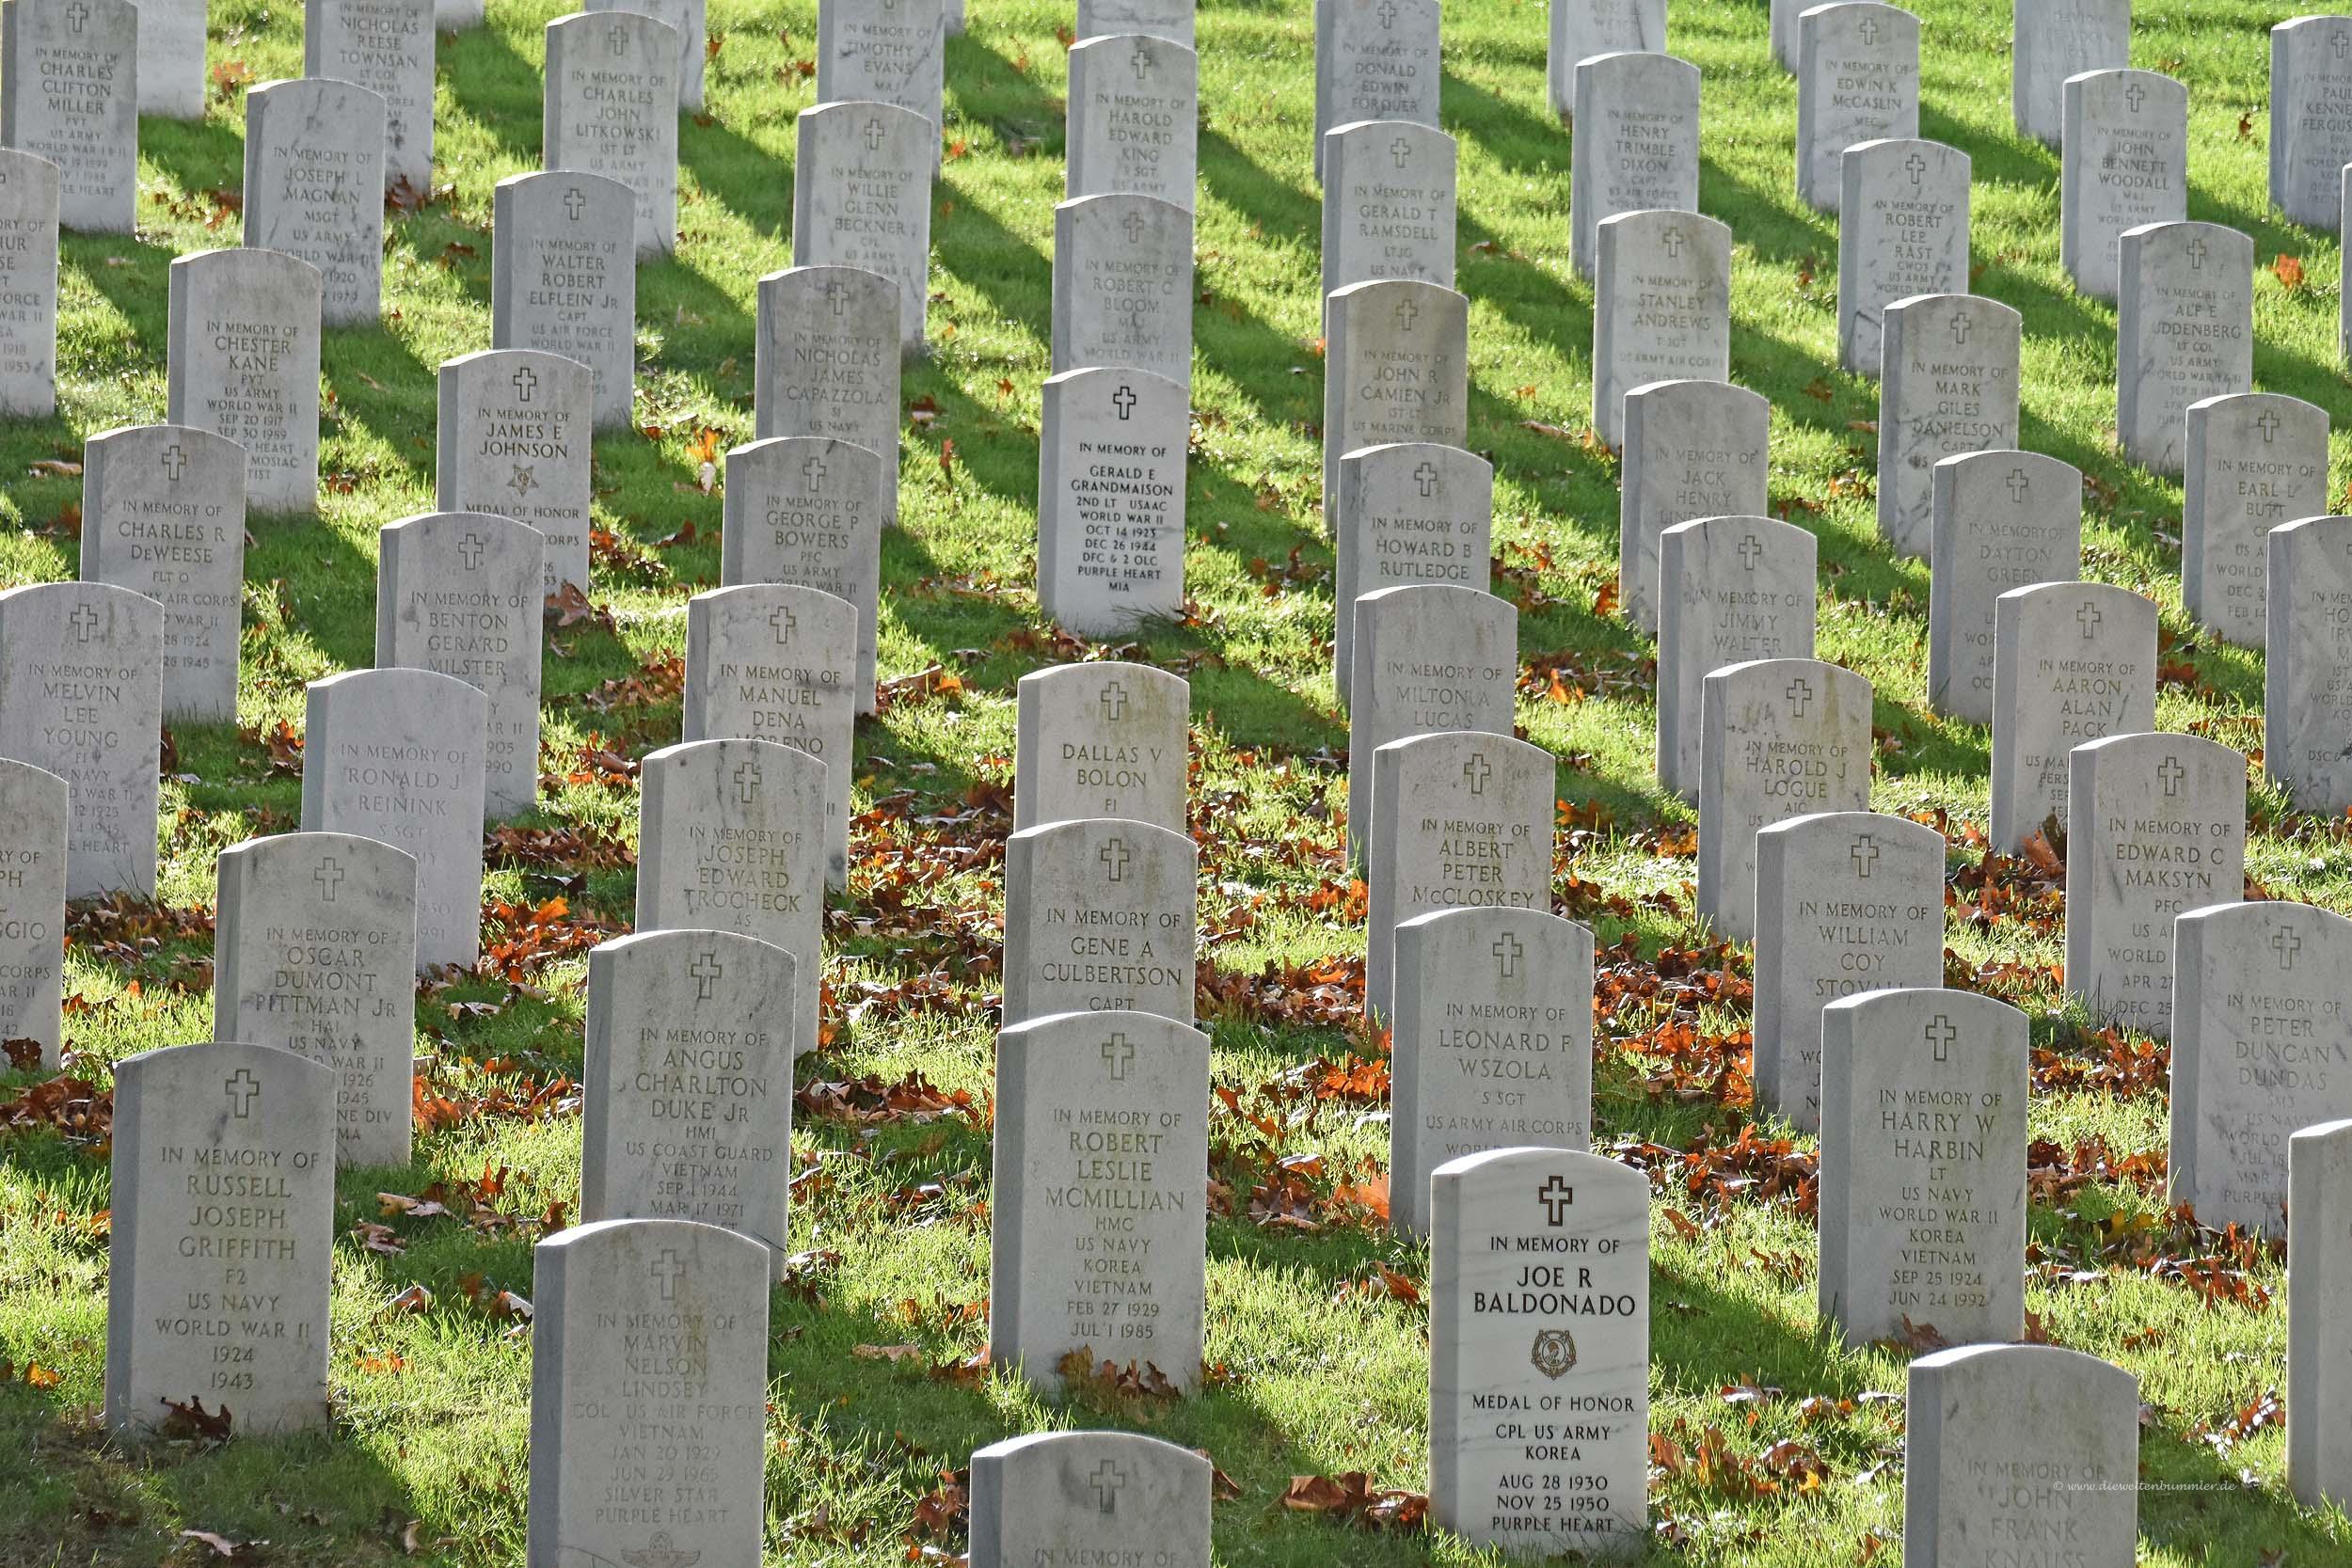 Grabsteine auf dem Friedhof in Arlington